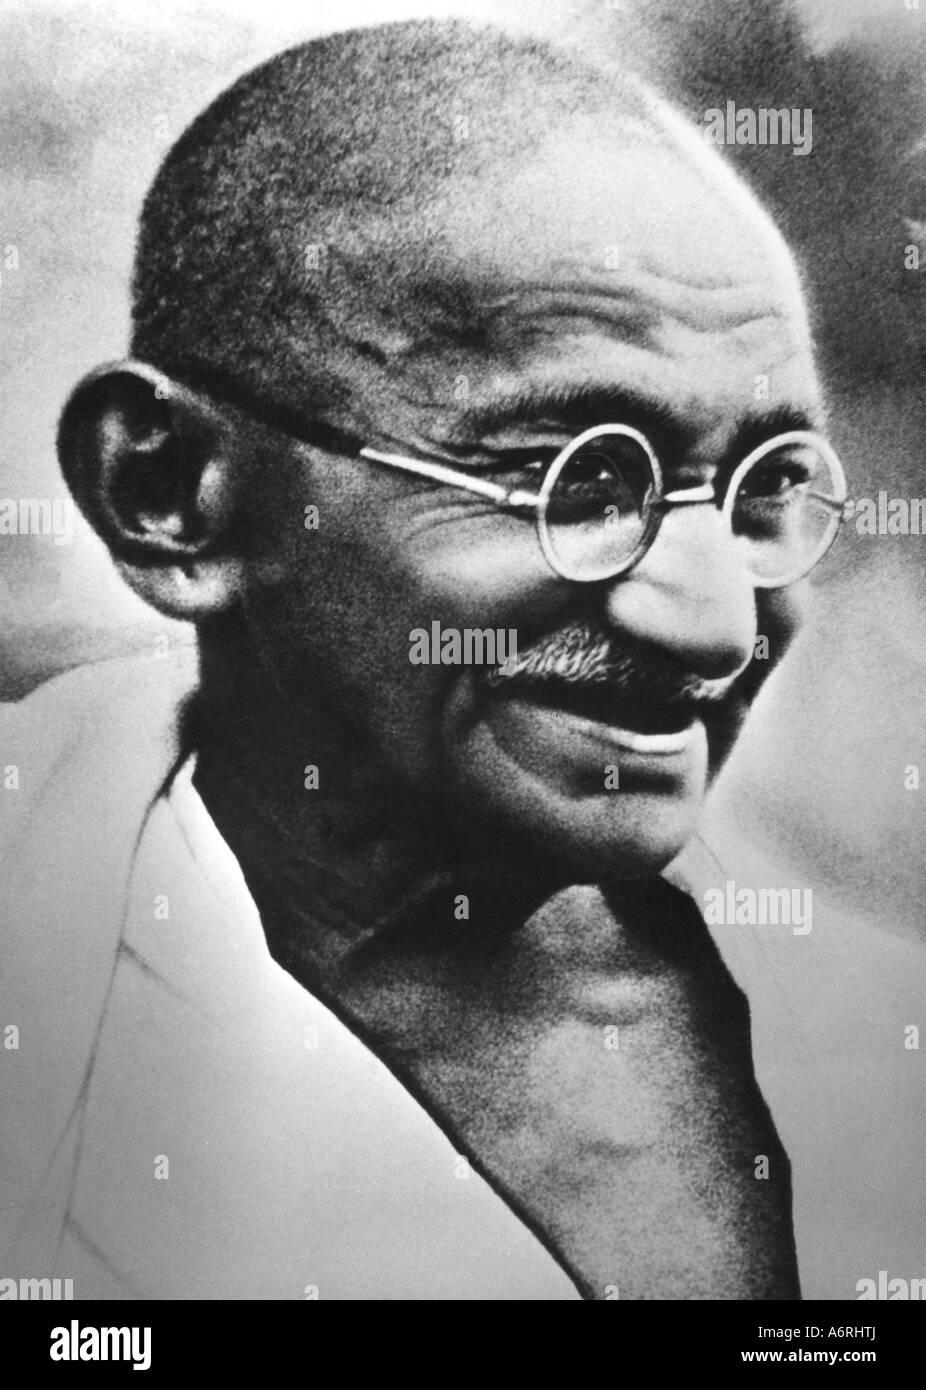 , Gandhi Mohandas Karamchand, chiamato mahatma, 2.10.1869 - 30.1.1948, uomo politico indiano, ritratto, del 1940 Foto Stock